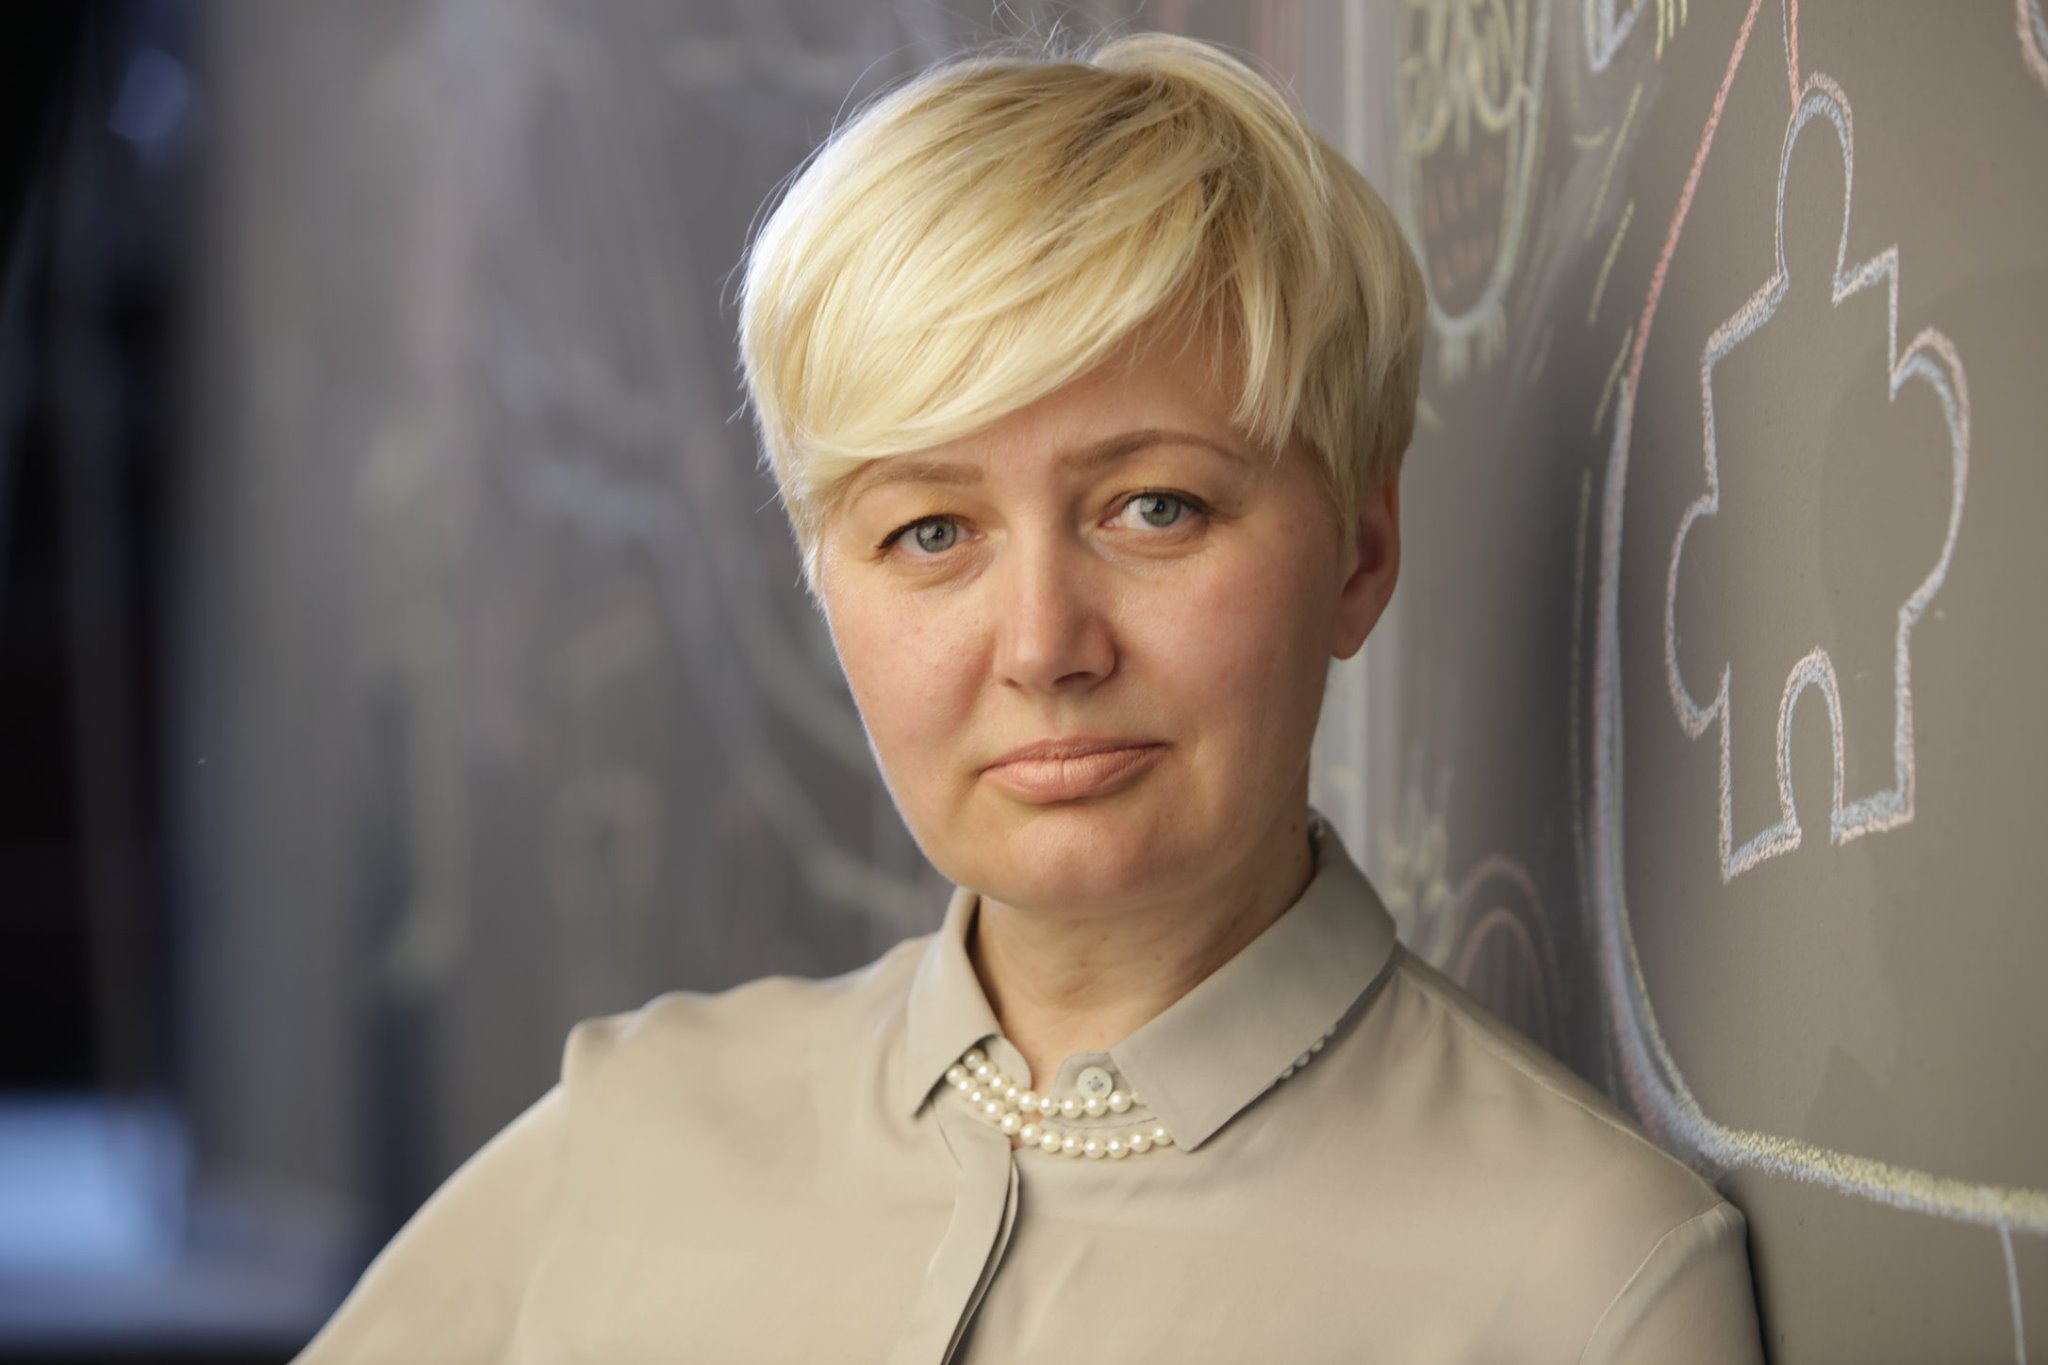 Украинская писательница устроила скандал из-за русской речи продавца